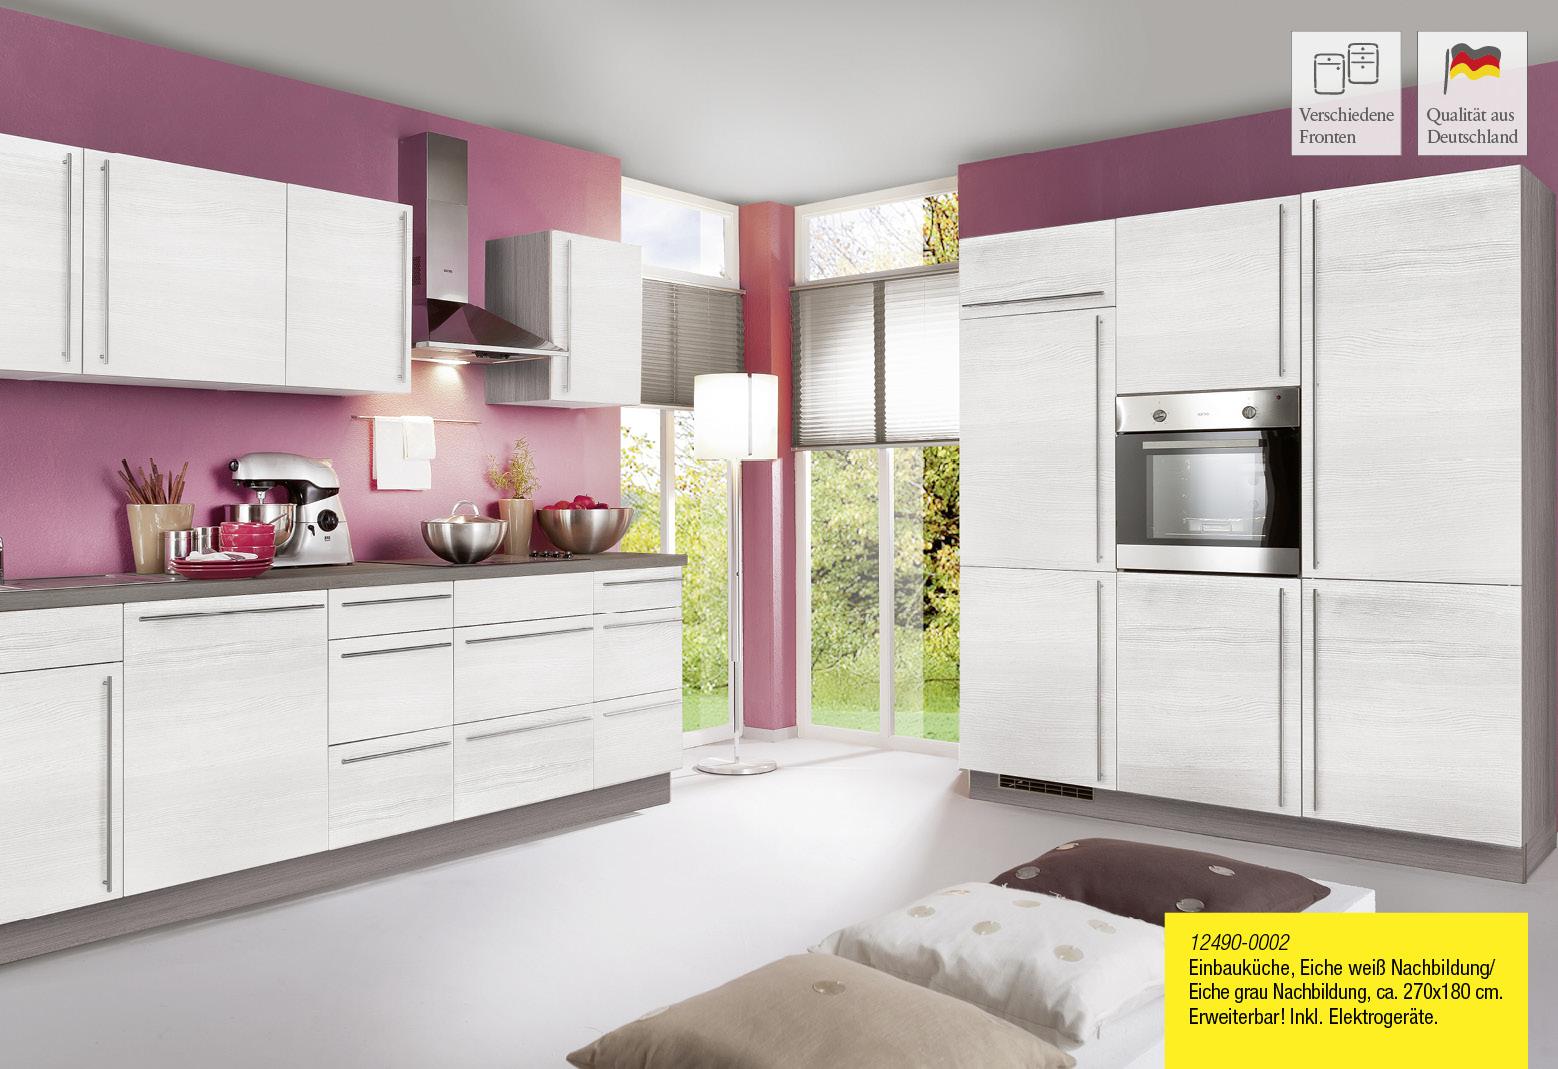 Full Size of Möbelix Küchen Mbelikche Billig Ebay L Form Unterschrnke Einbaukche Regal Wohnzimmer Möbelix Küchen